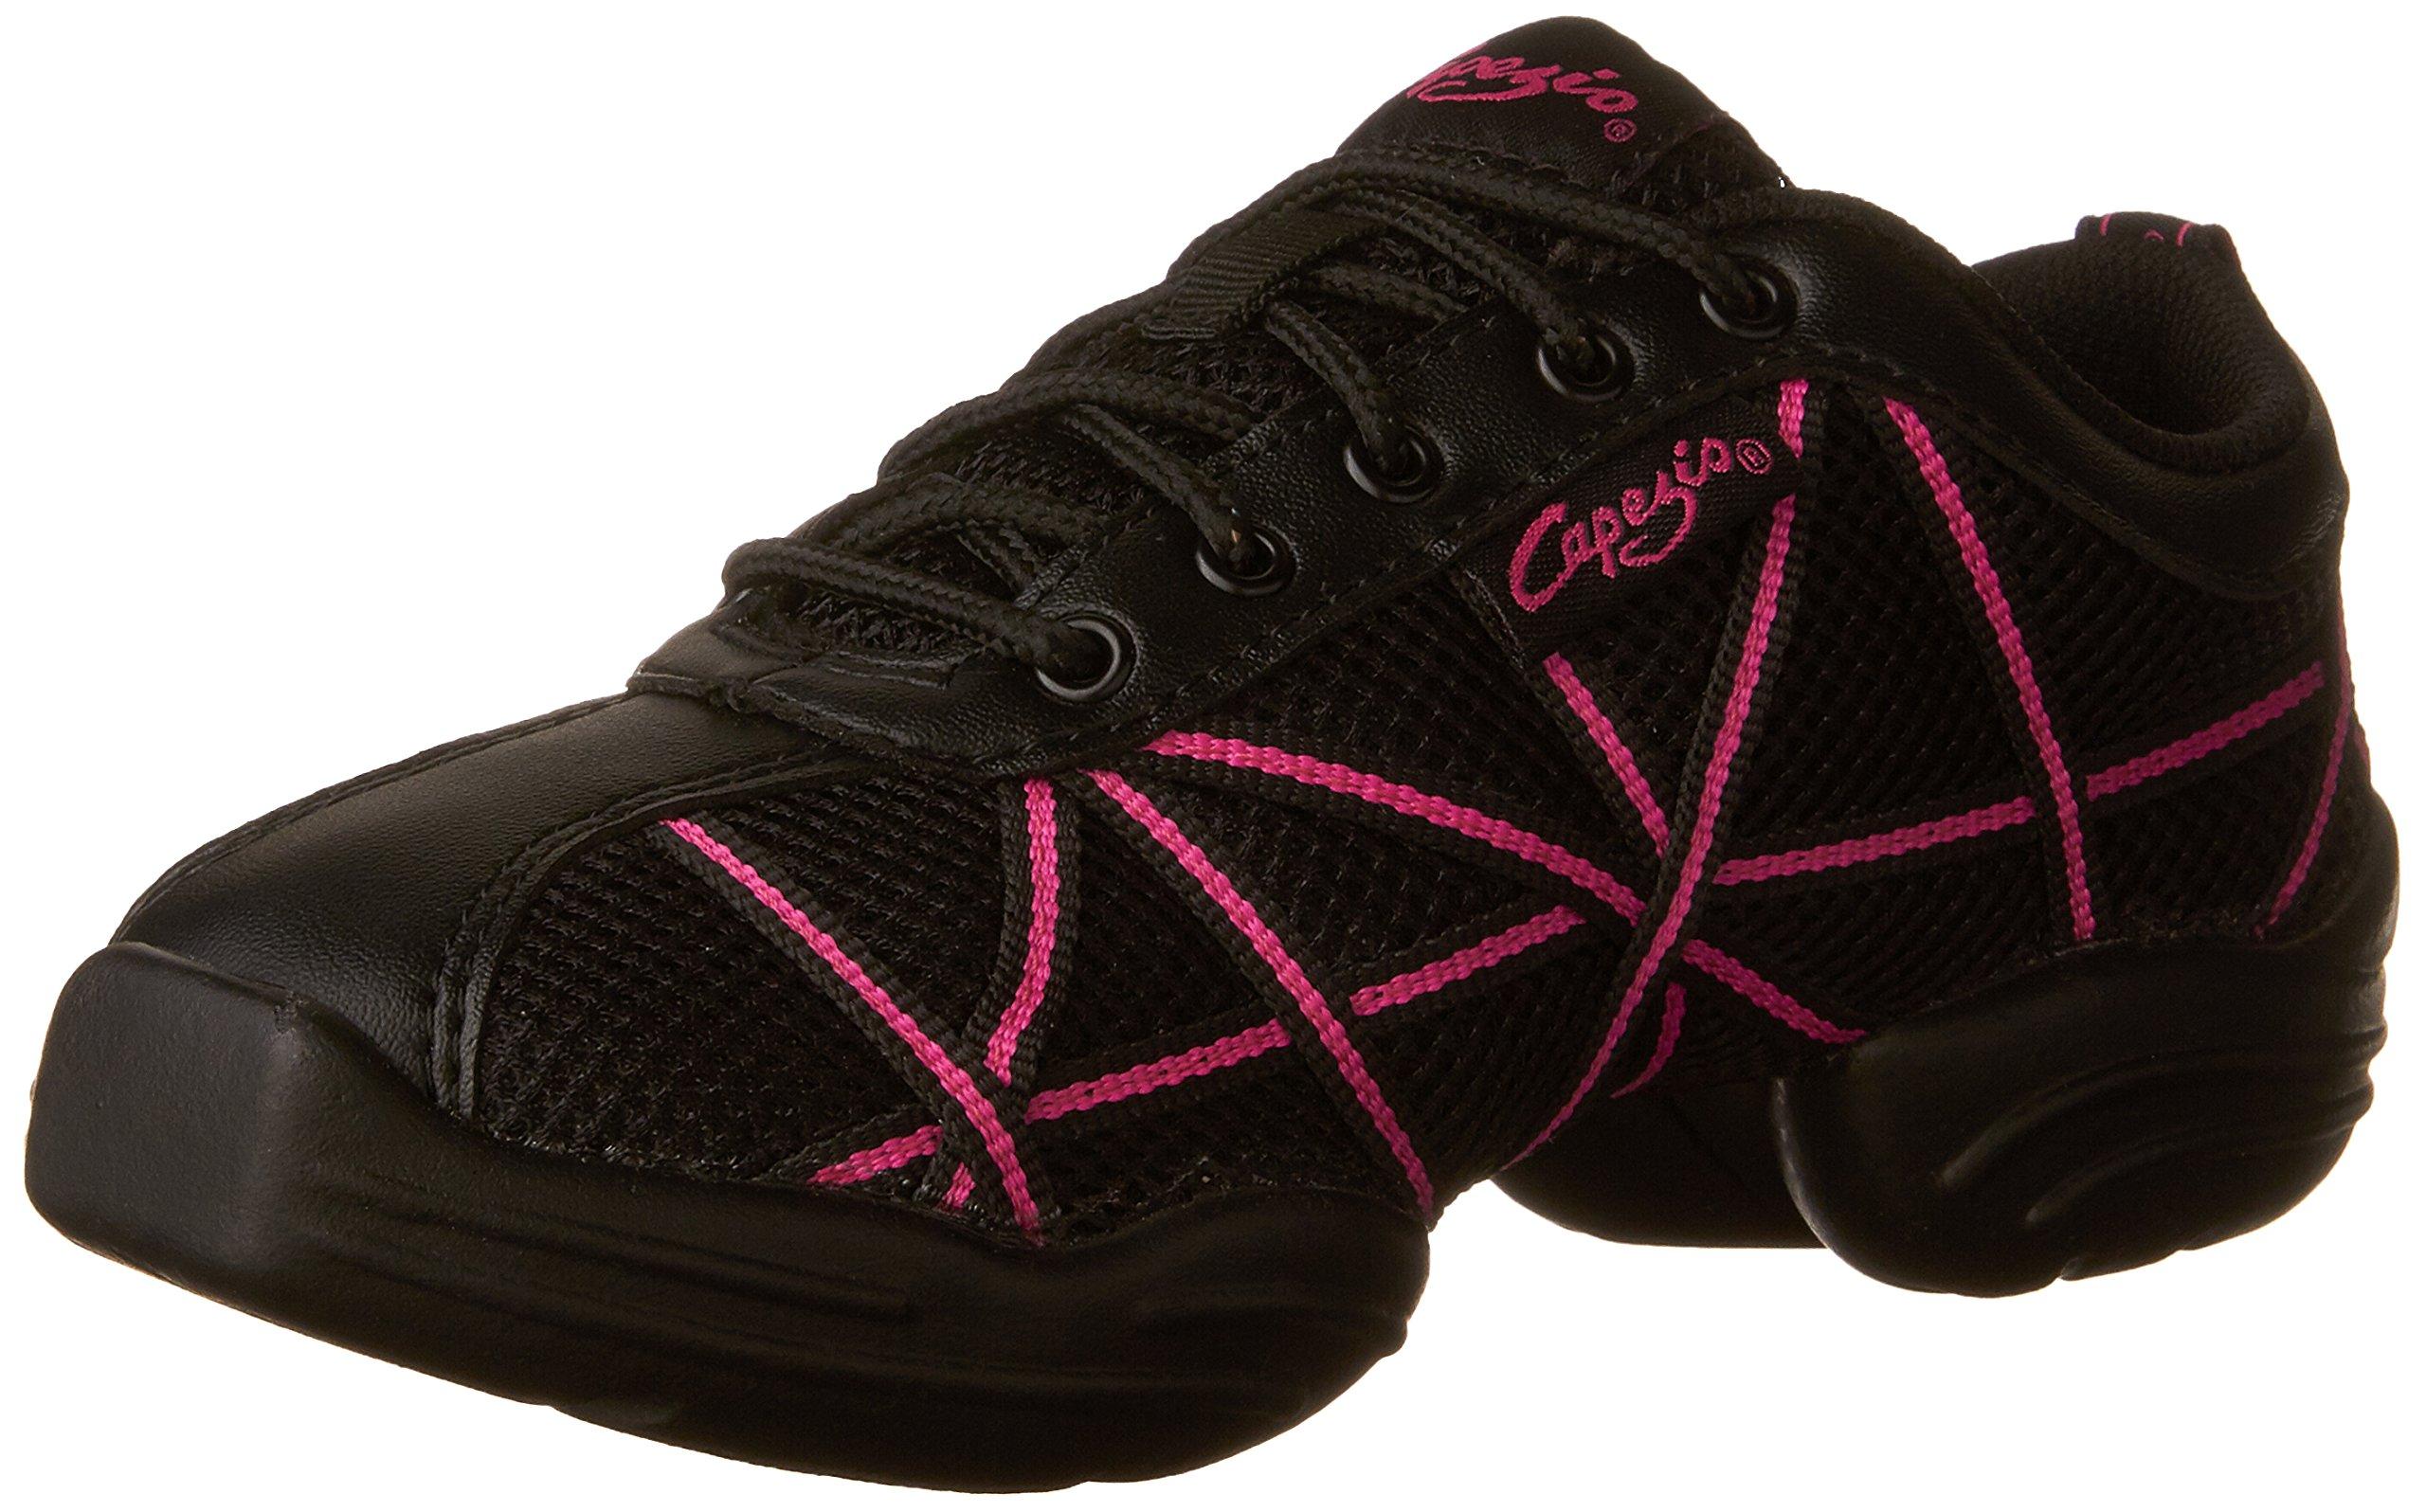 c393c0172fac Top Chaussures de danse femme selon les notes Amazon.fr